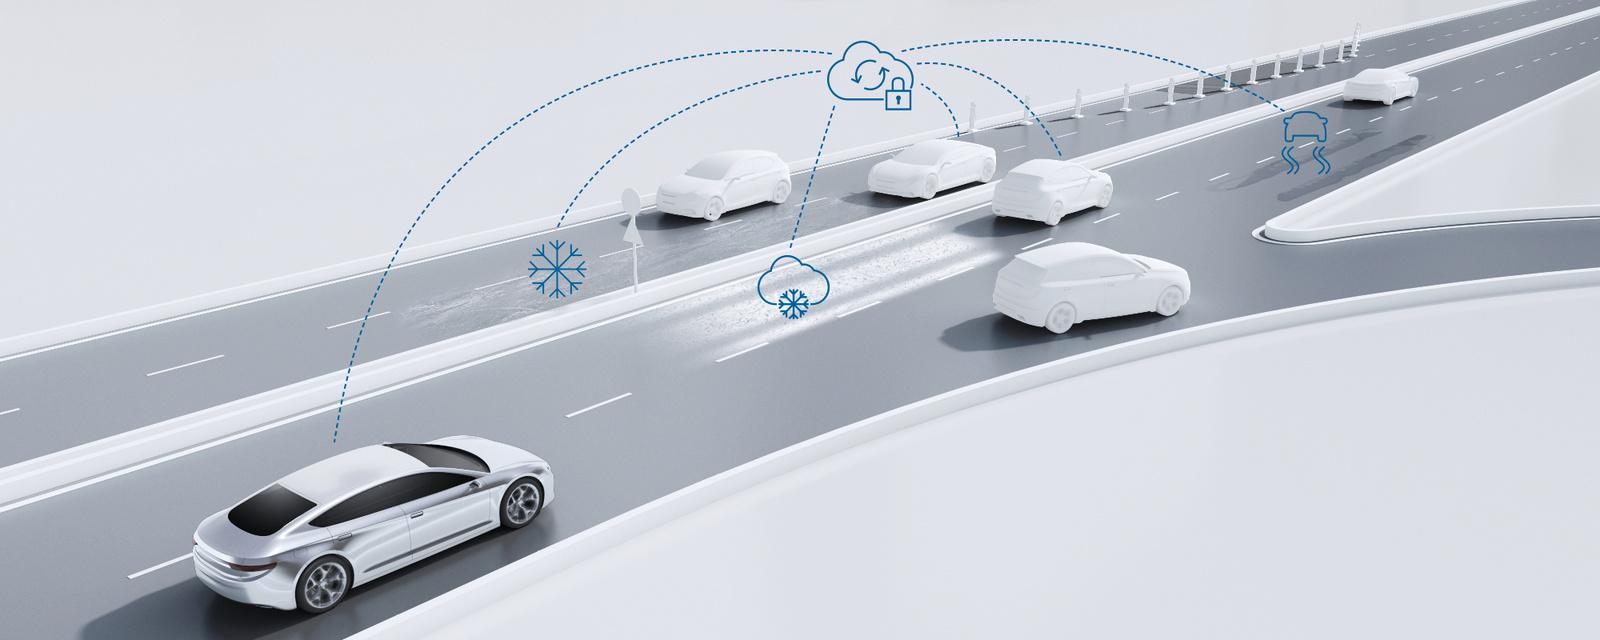 Boscheve usluge za uvjete na cesti poboljšavaju sigurnost i automatiziranu vožnju